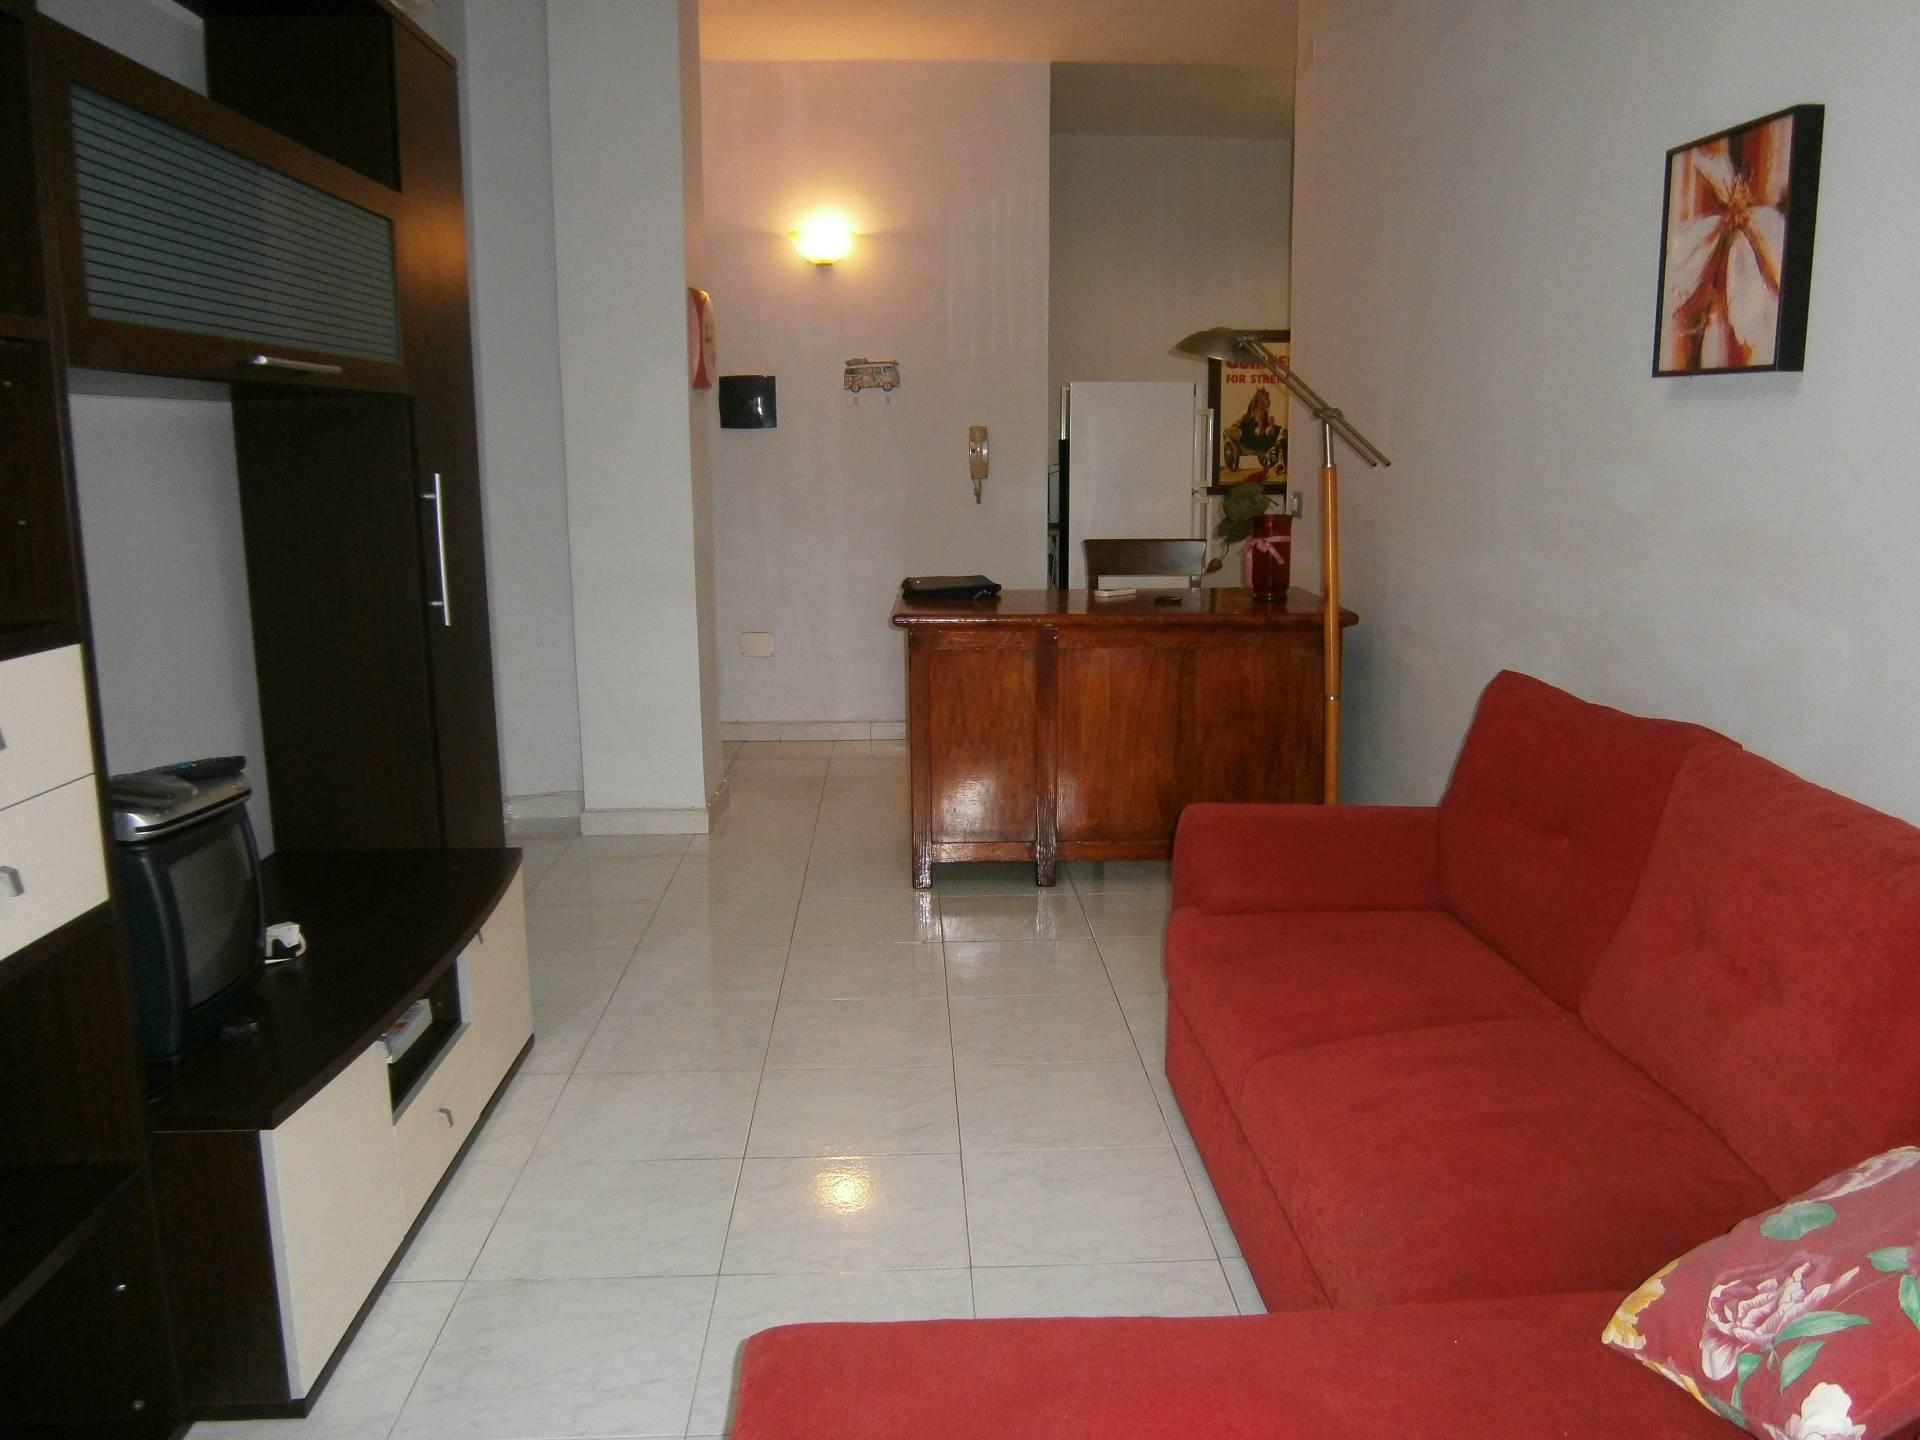 Appartamento in affitto a Cagliari, 2 locali, zona Zona: Pirri, prezzo € 600 | Cambio Casa.it